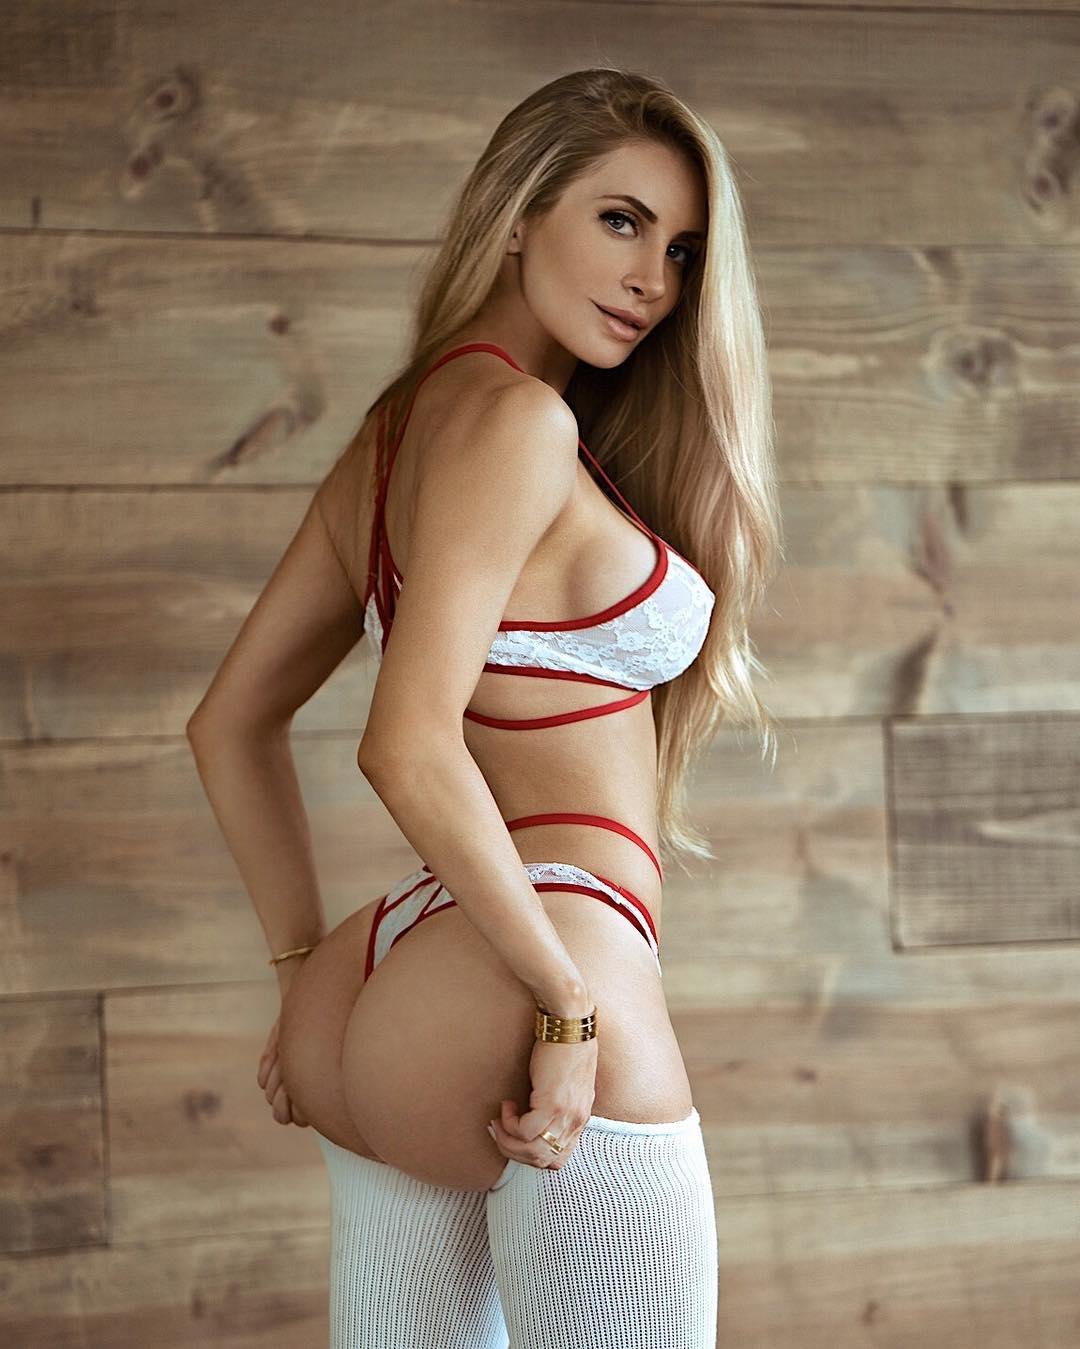 Amanda Elise Lee Naked amanda elise lee and her insanely hot body - 22 pictures